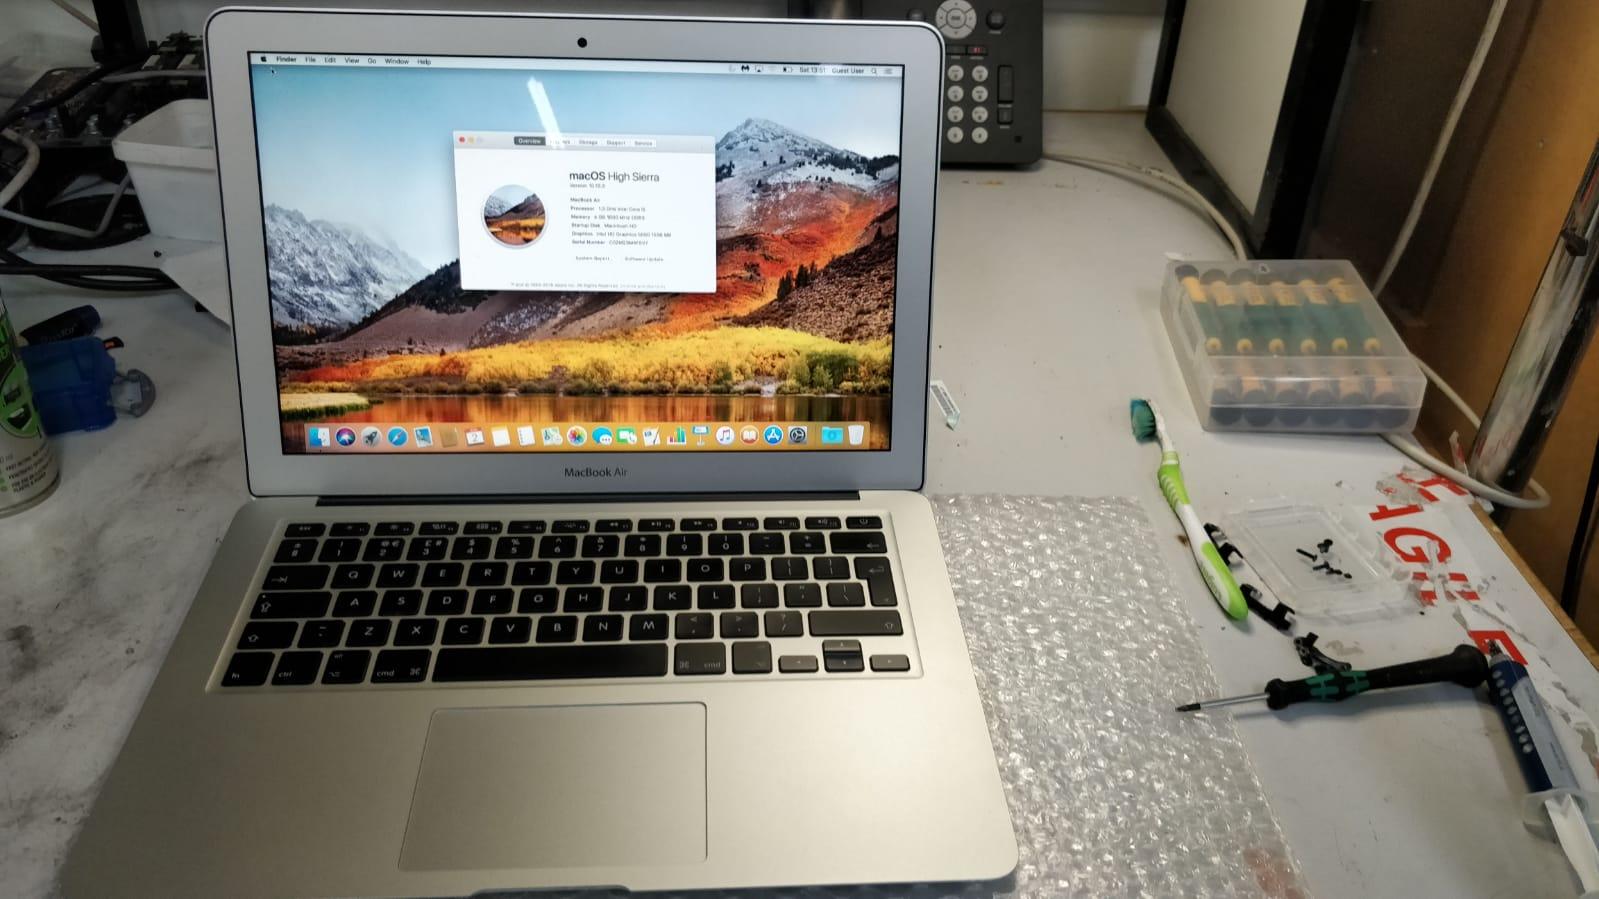 Apple MacBook Air (13-inch, Mid 2013) A1466 Liquid Damage Repair